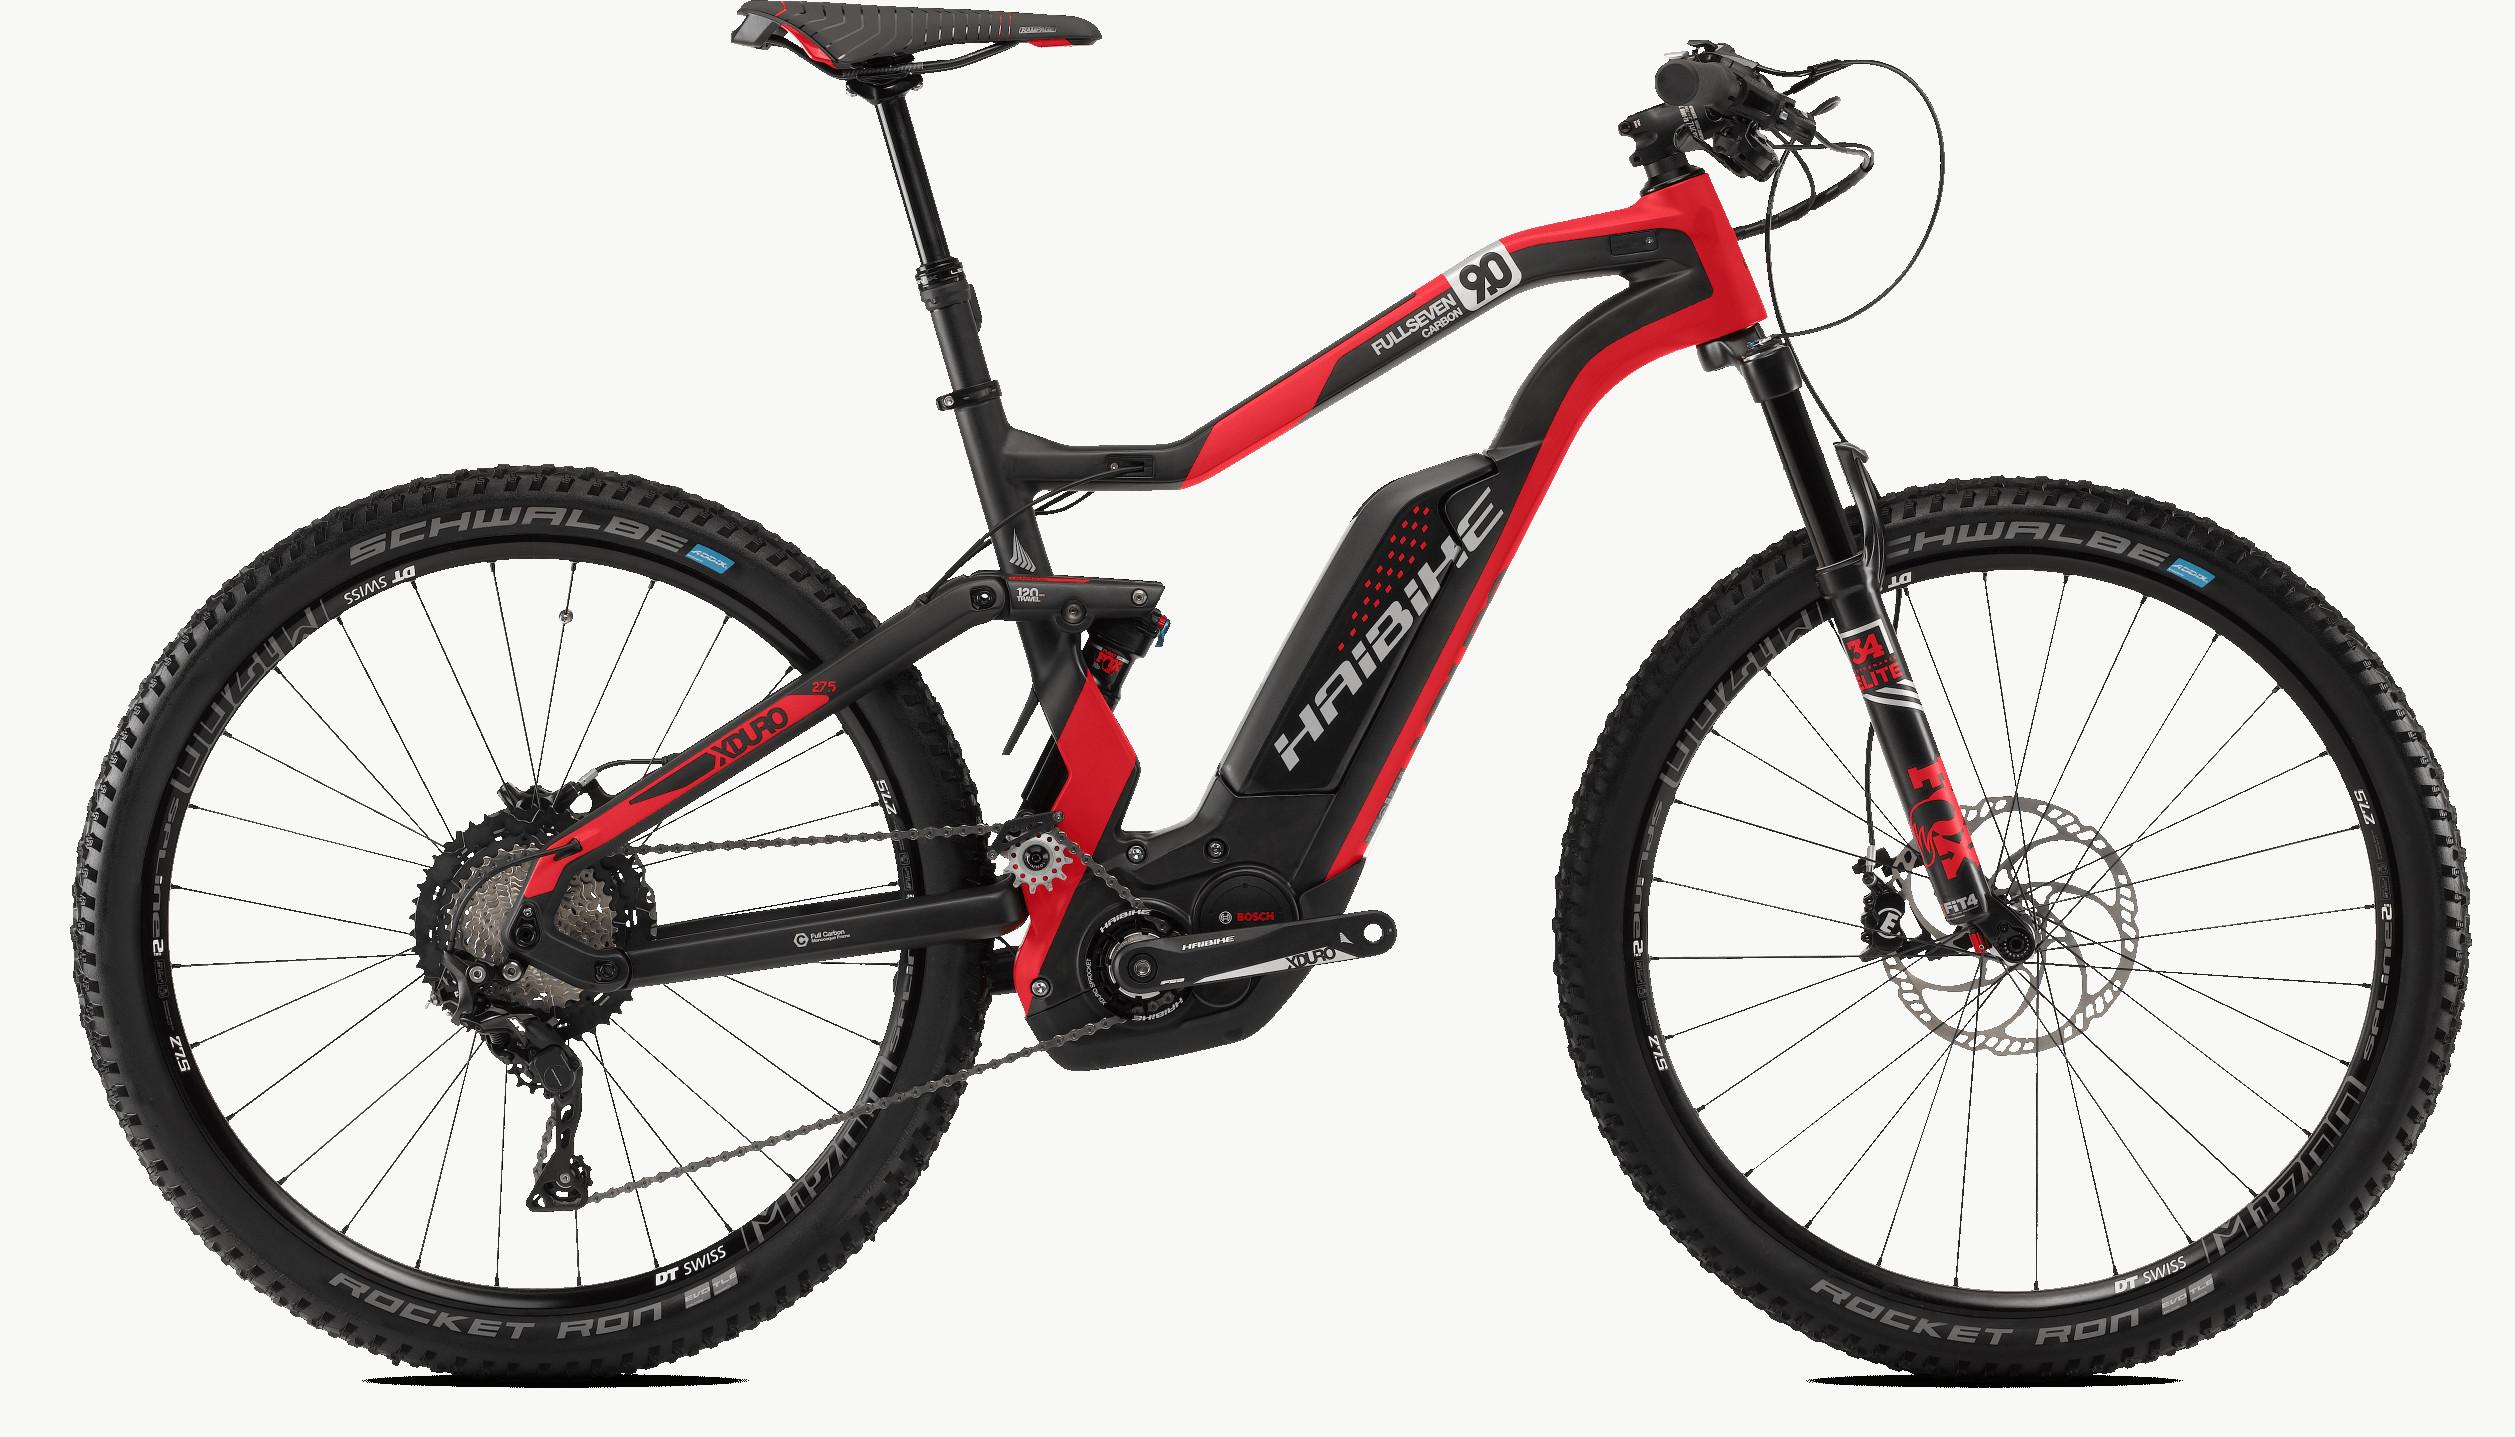 Haibike Xduro Fullseven Carbon 9 0 27 5 Electric Bike 2018 Red